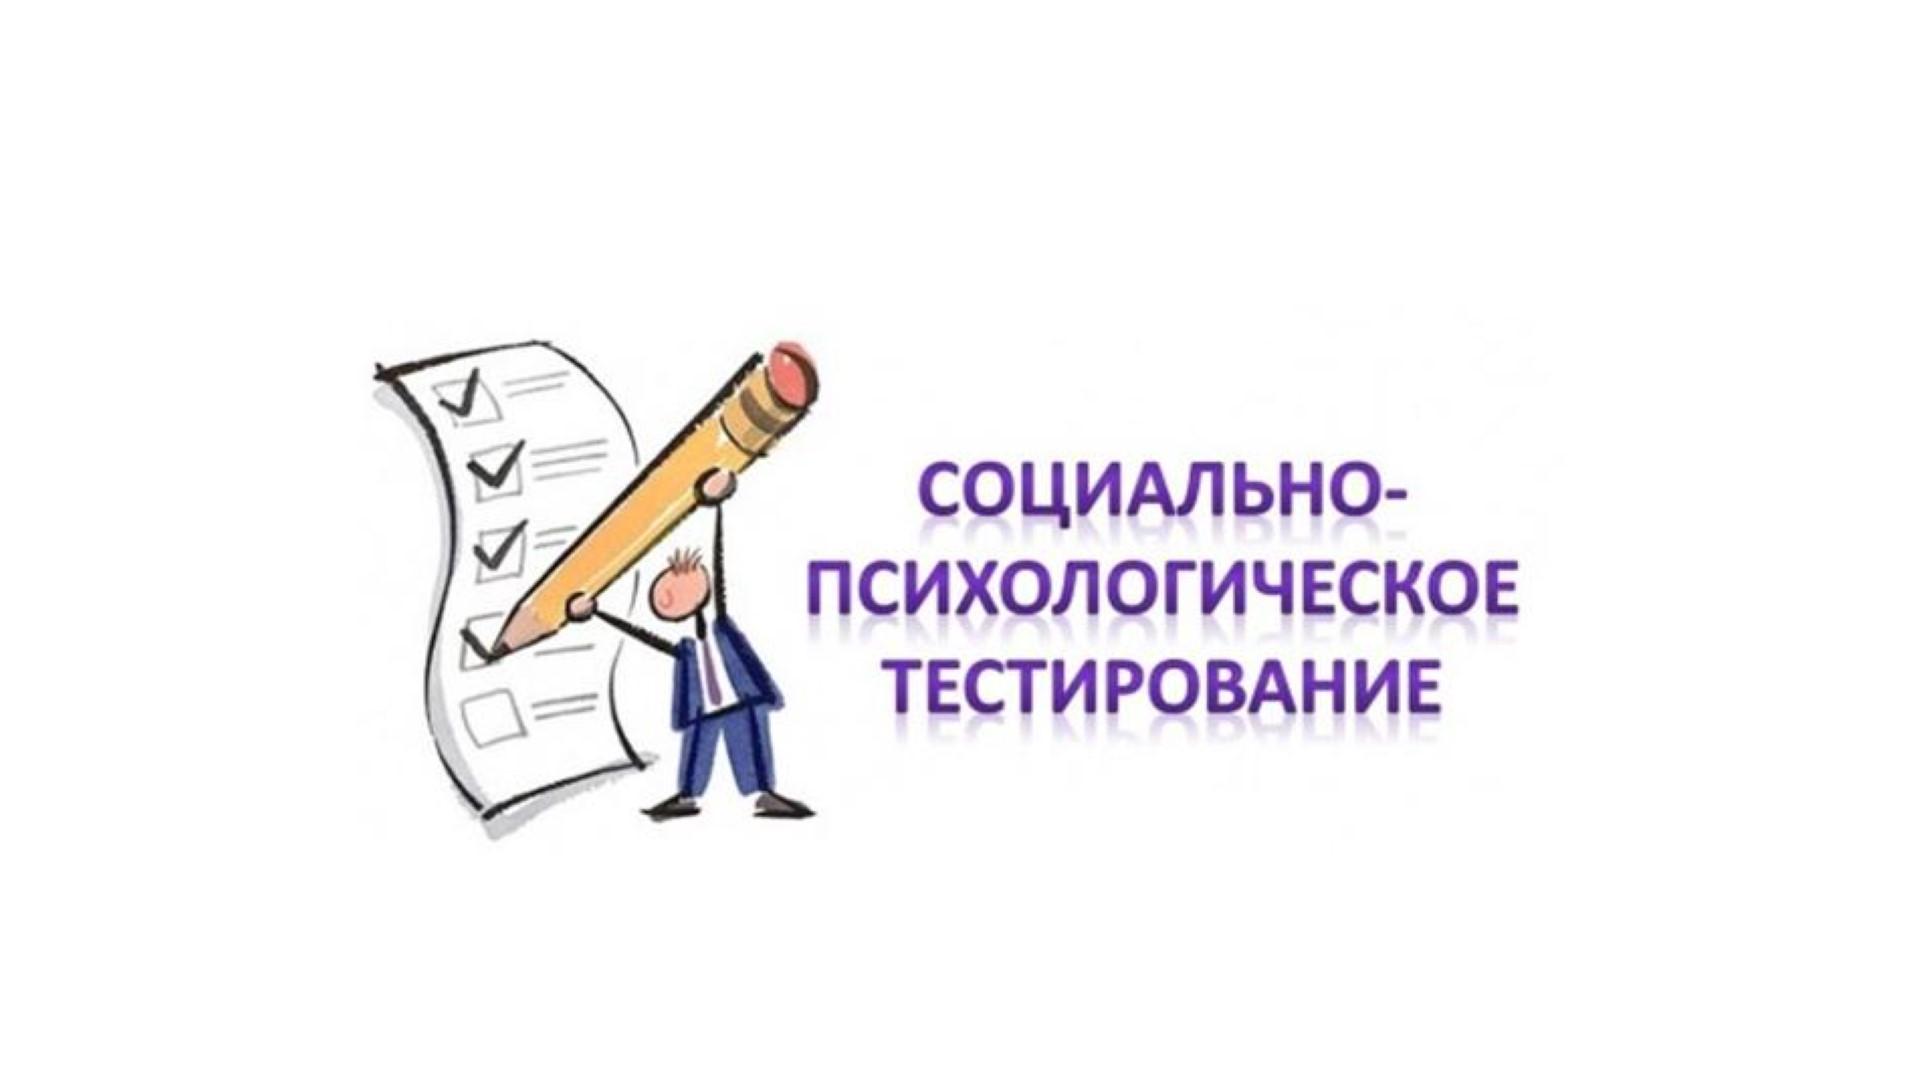 1 октября в Хакасии стартует социально-психологическое тестирование